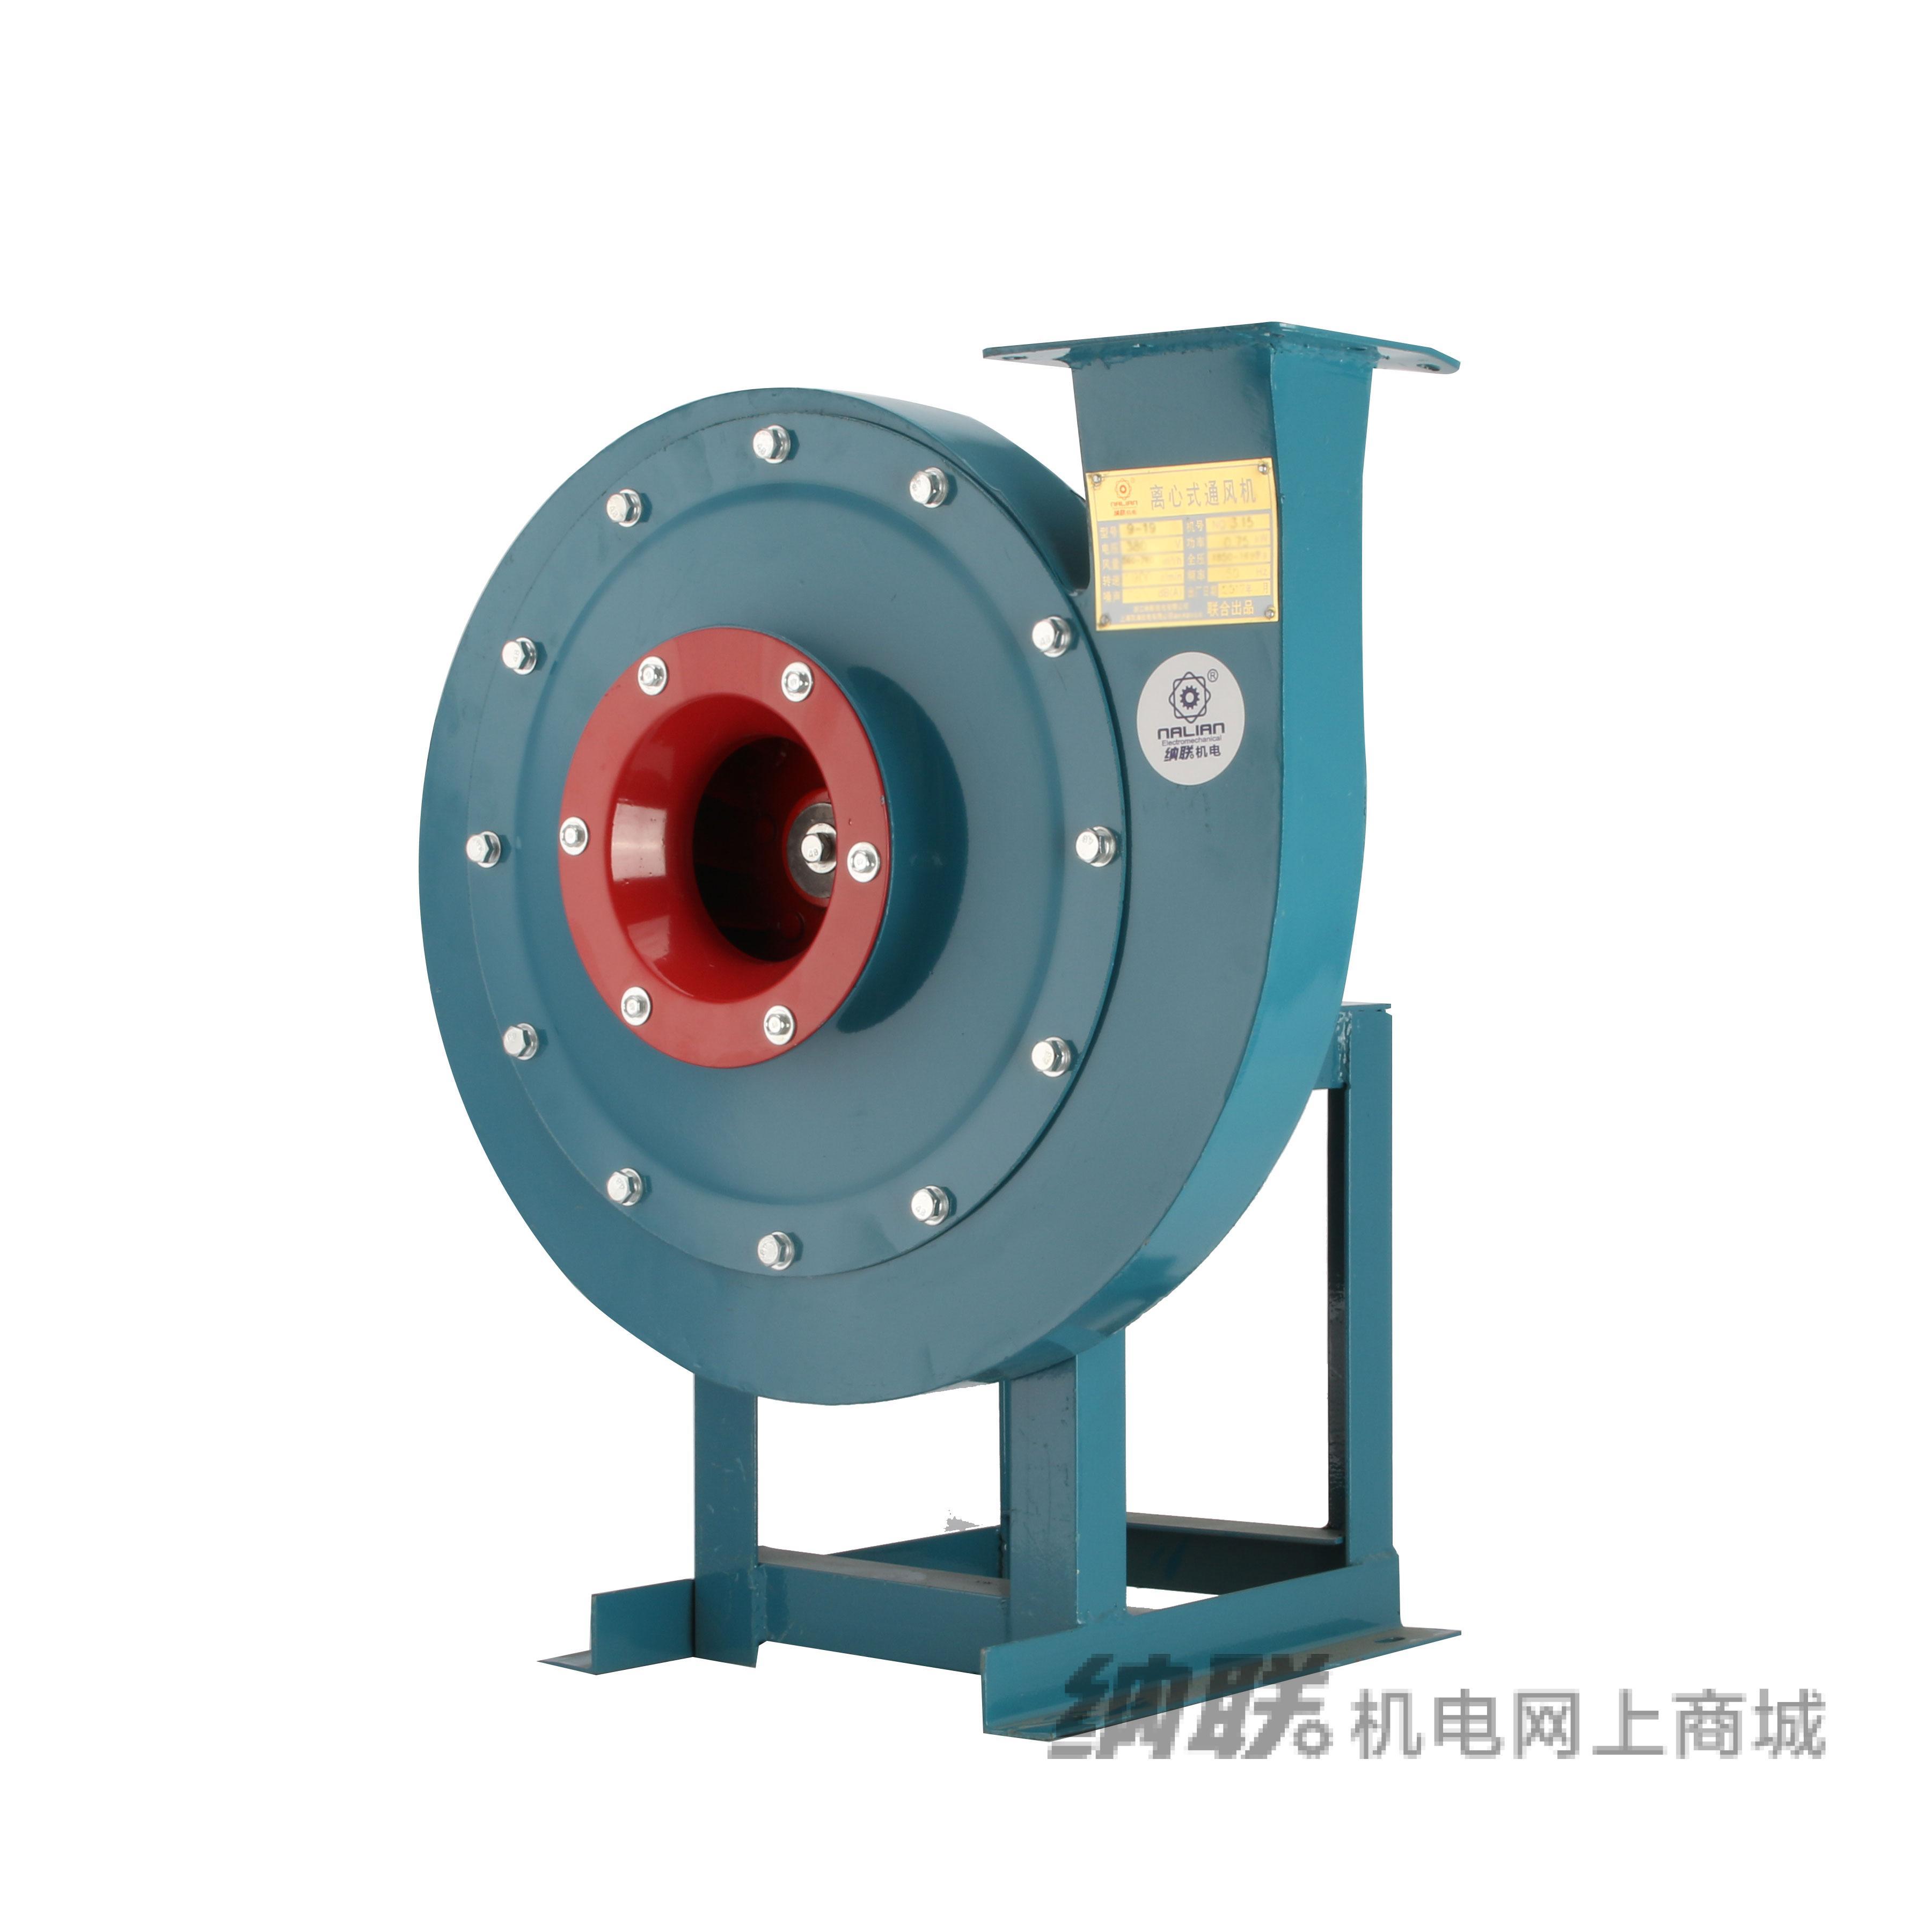 纳联机电 9-19离心风机-4.5A/4-2三相(不含电机)